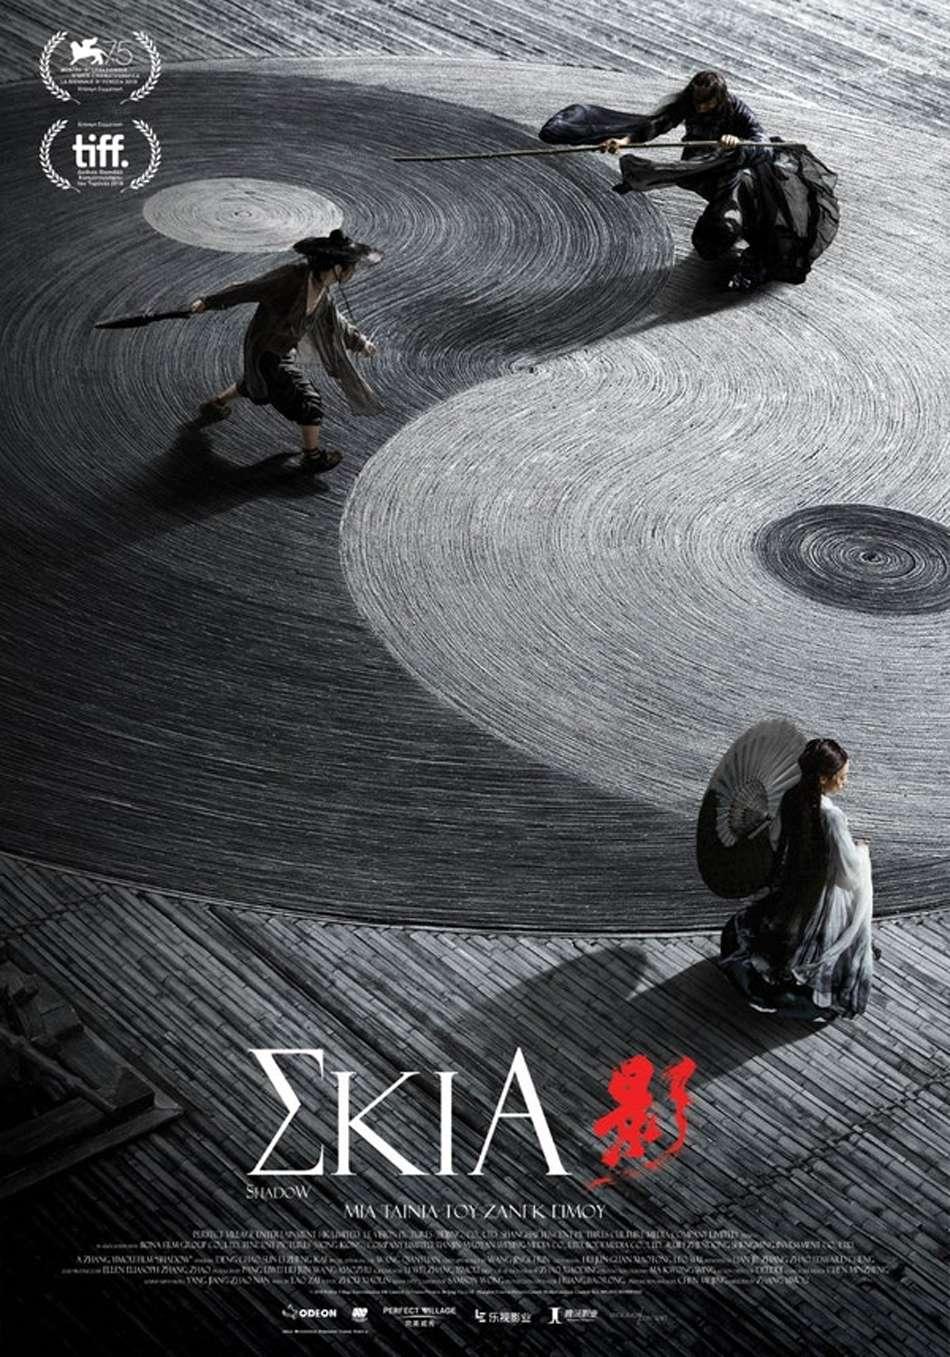 Σκιά (Ying / Shadow) Poster Πόστερ